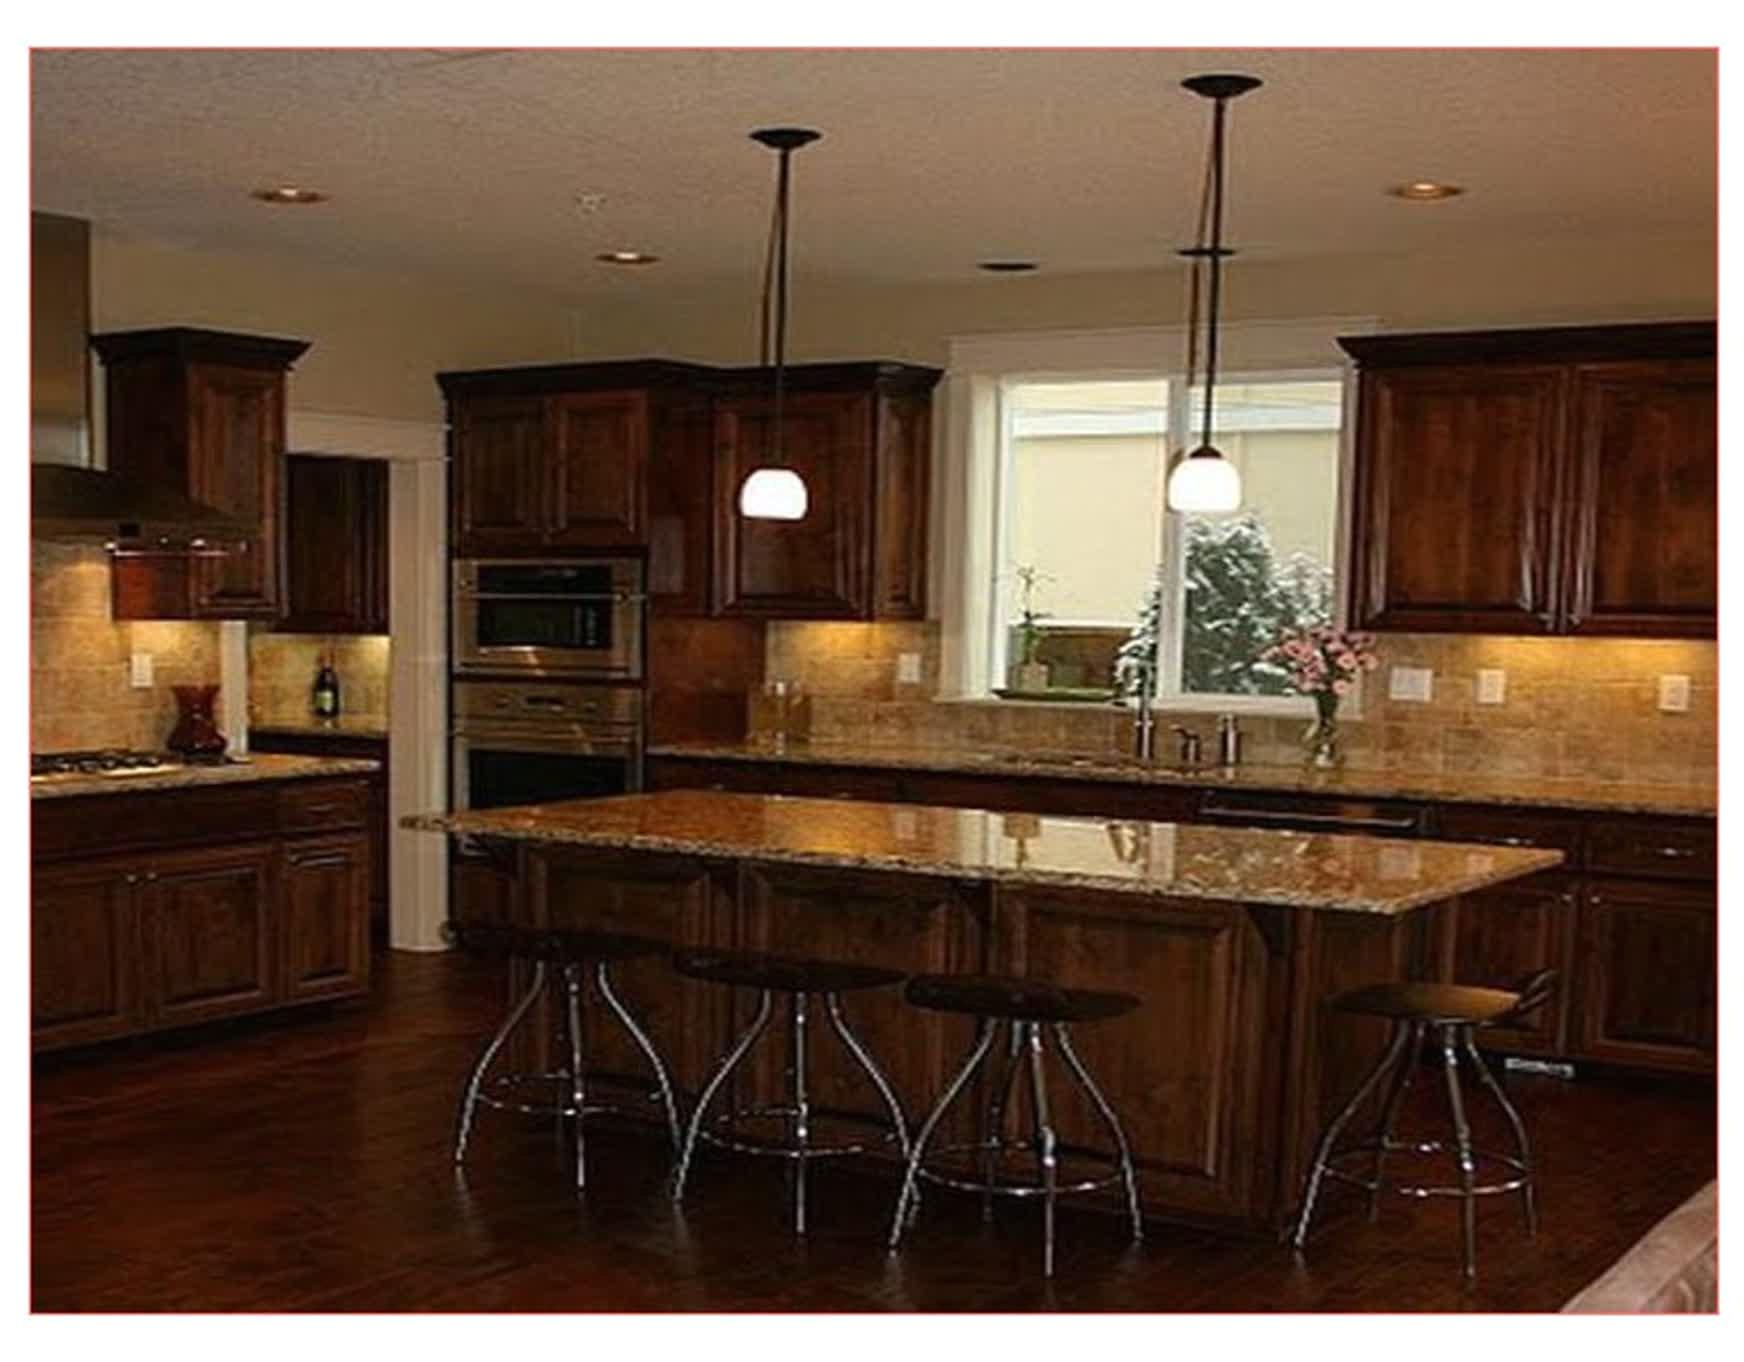 suelos para cocinas blancas hasta encantador encimeras para cocinas blancas amazing binacin de acero y blanco proyecto para suelos para cocinas blancas jpg